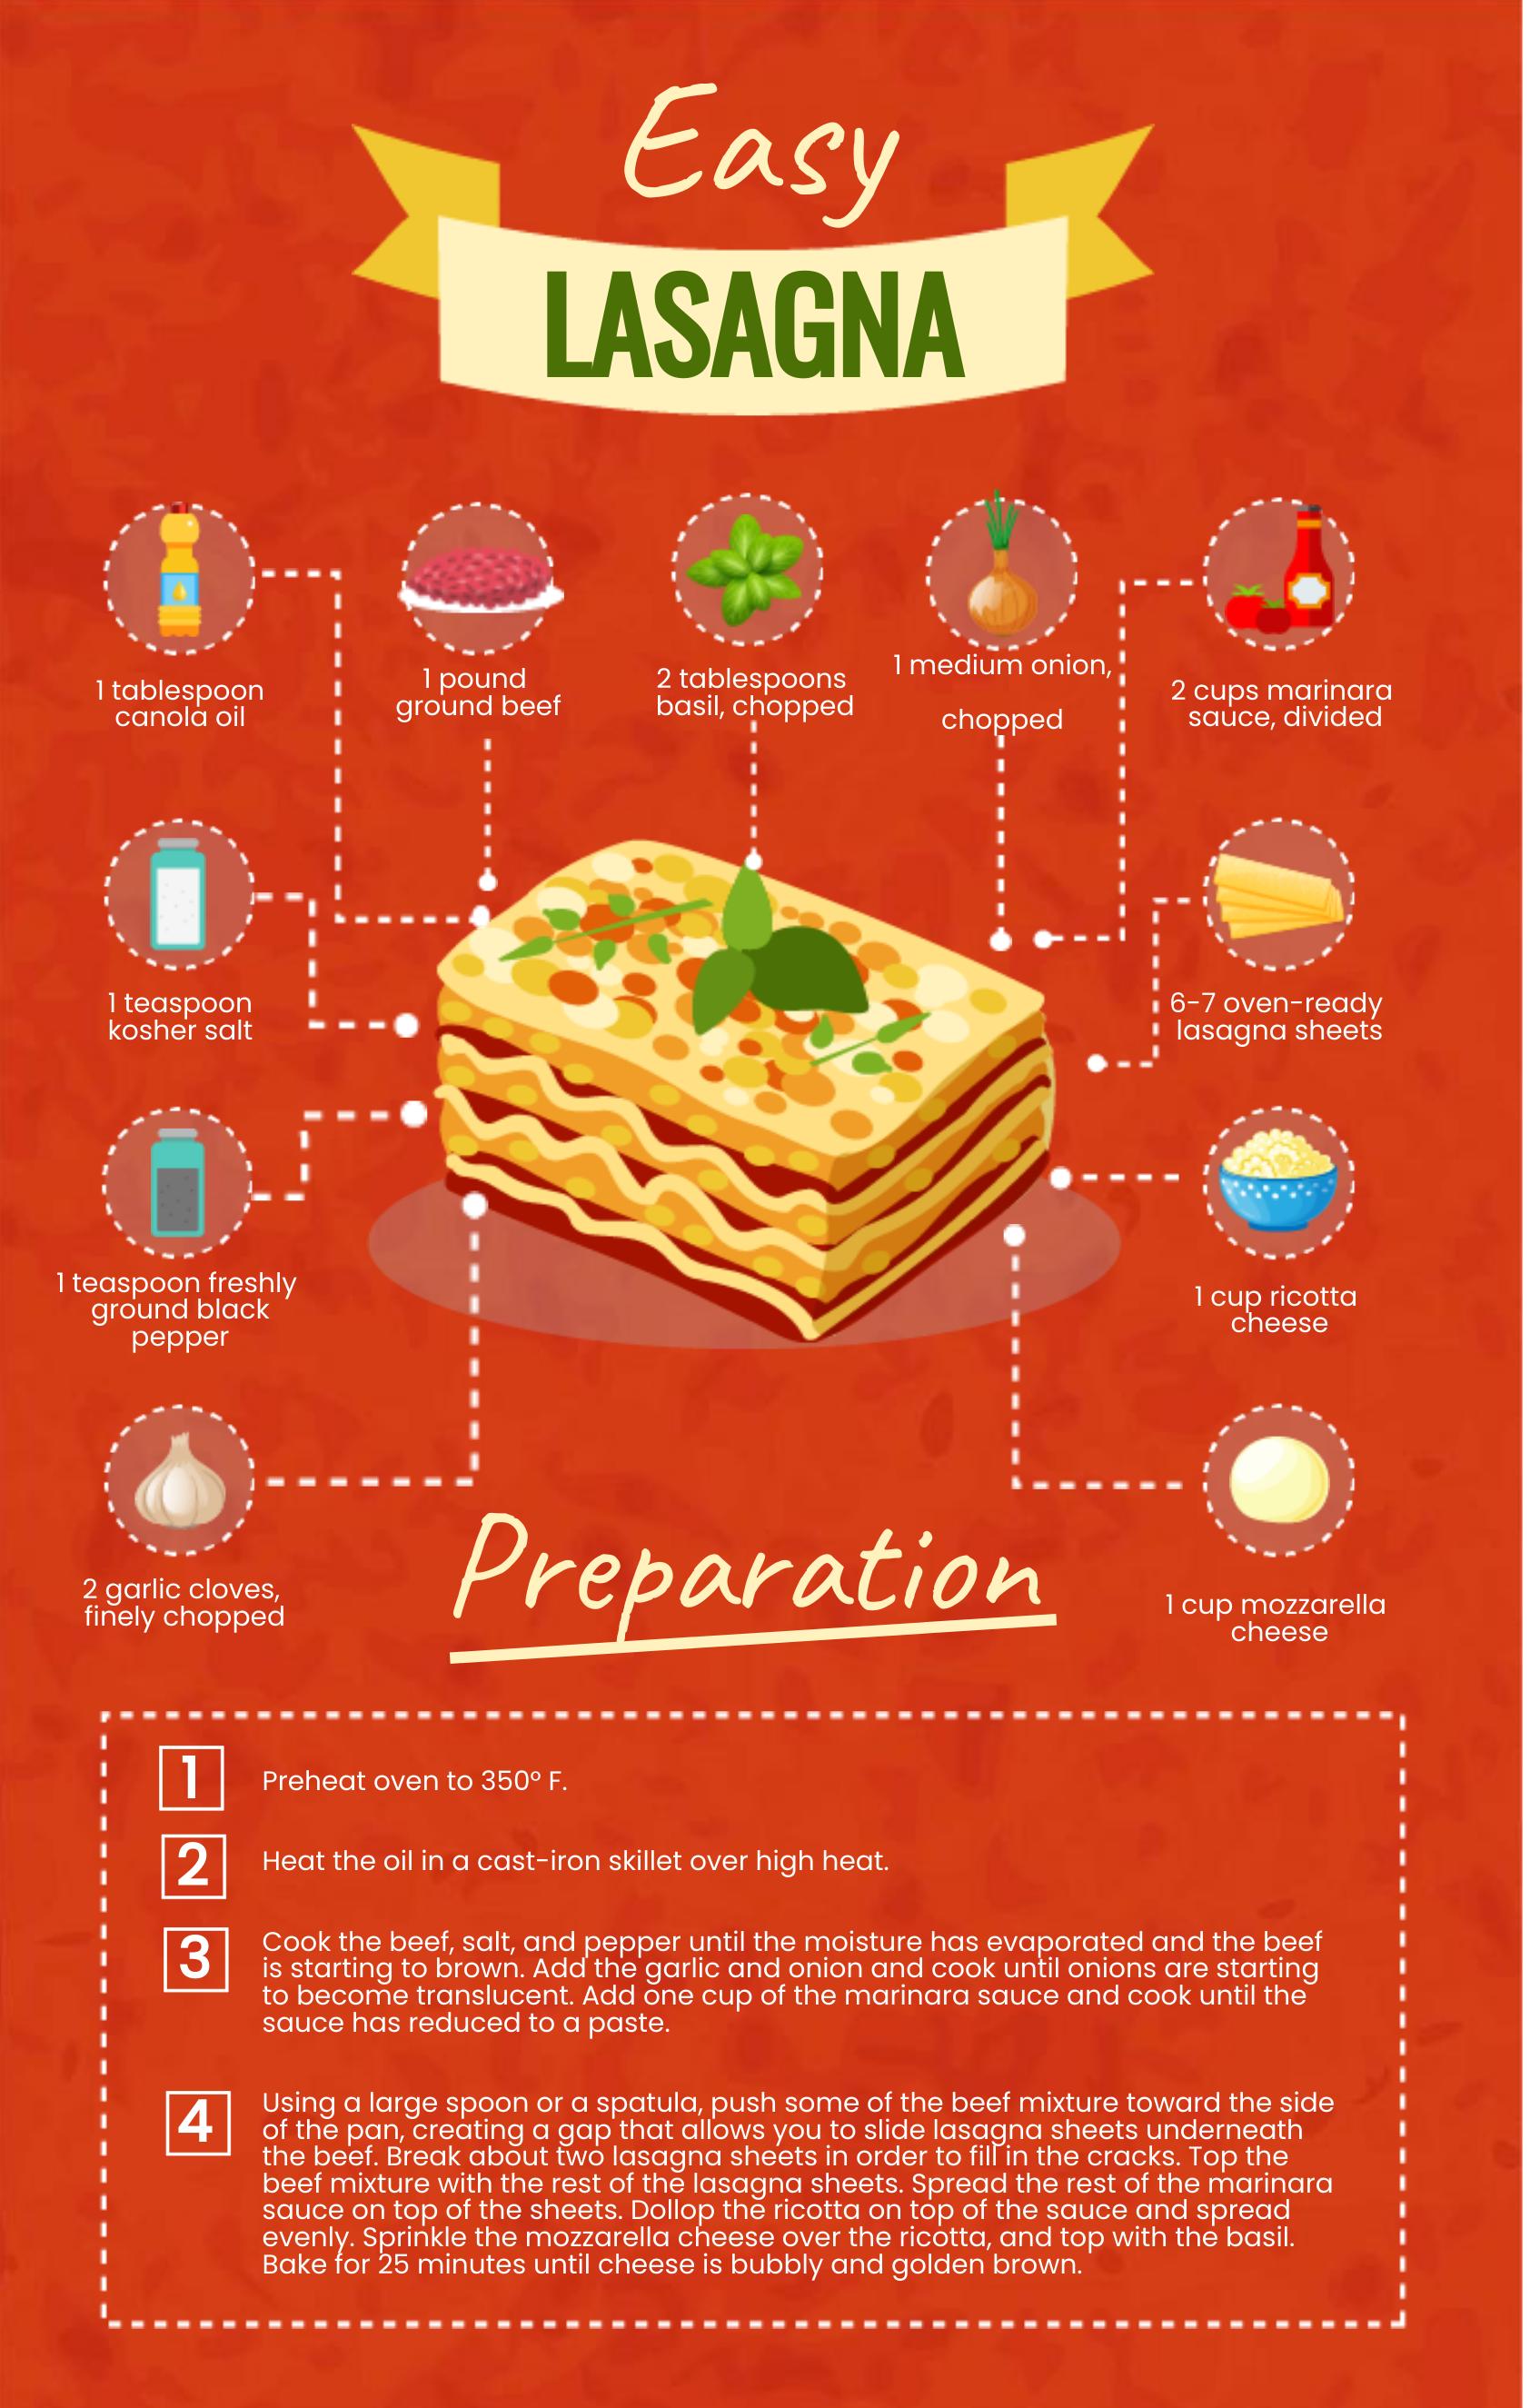 recipe infographic for lasagna.